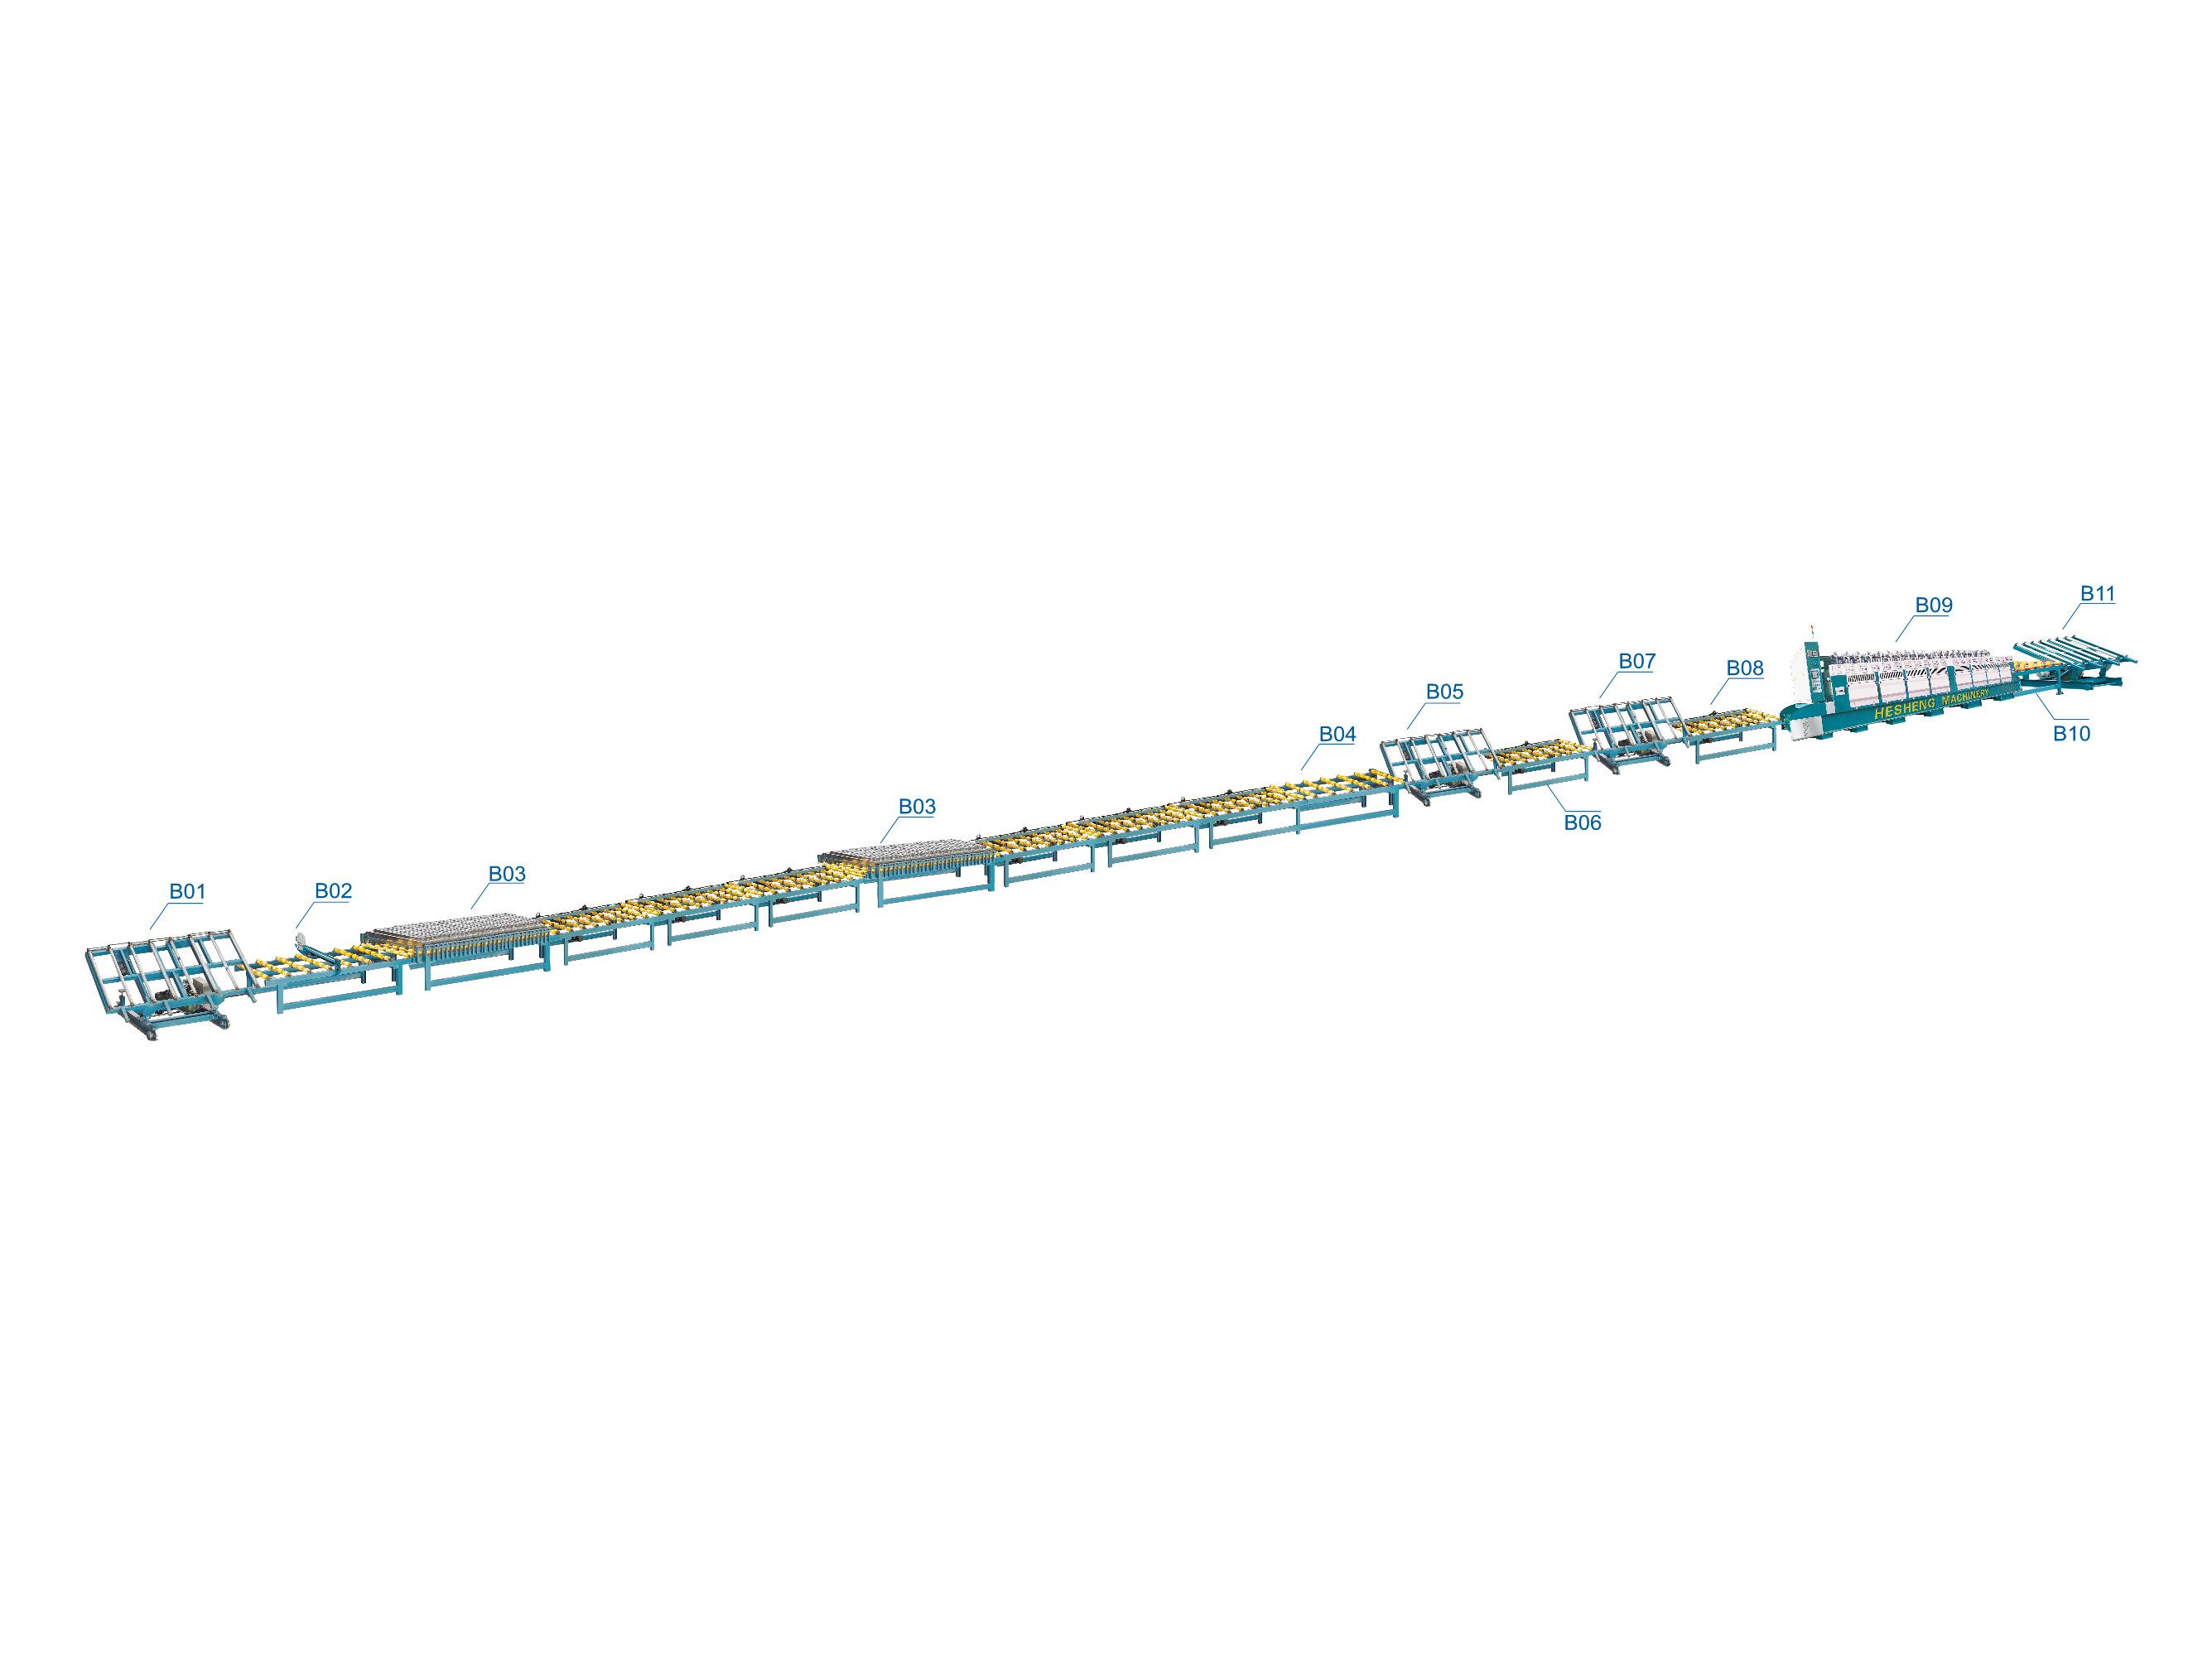 大理石:拋光、補膠生產線(參考)